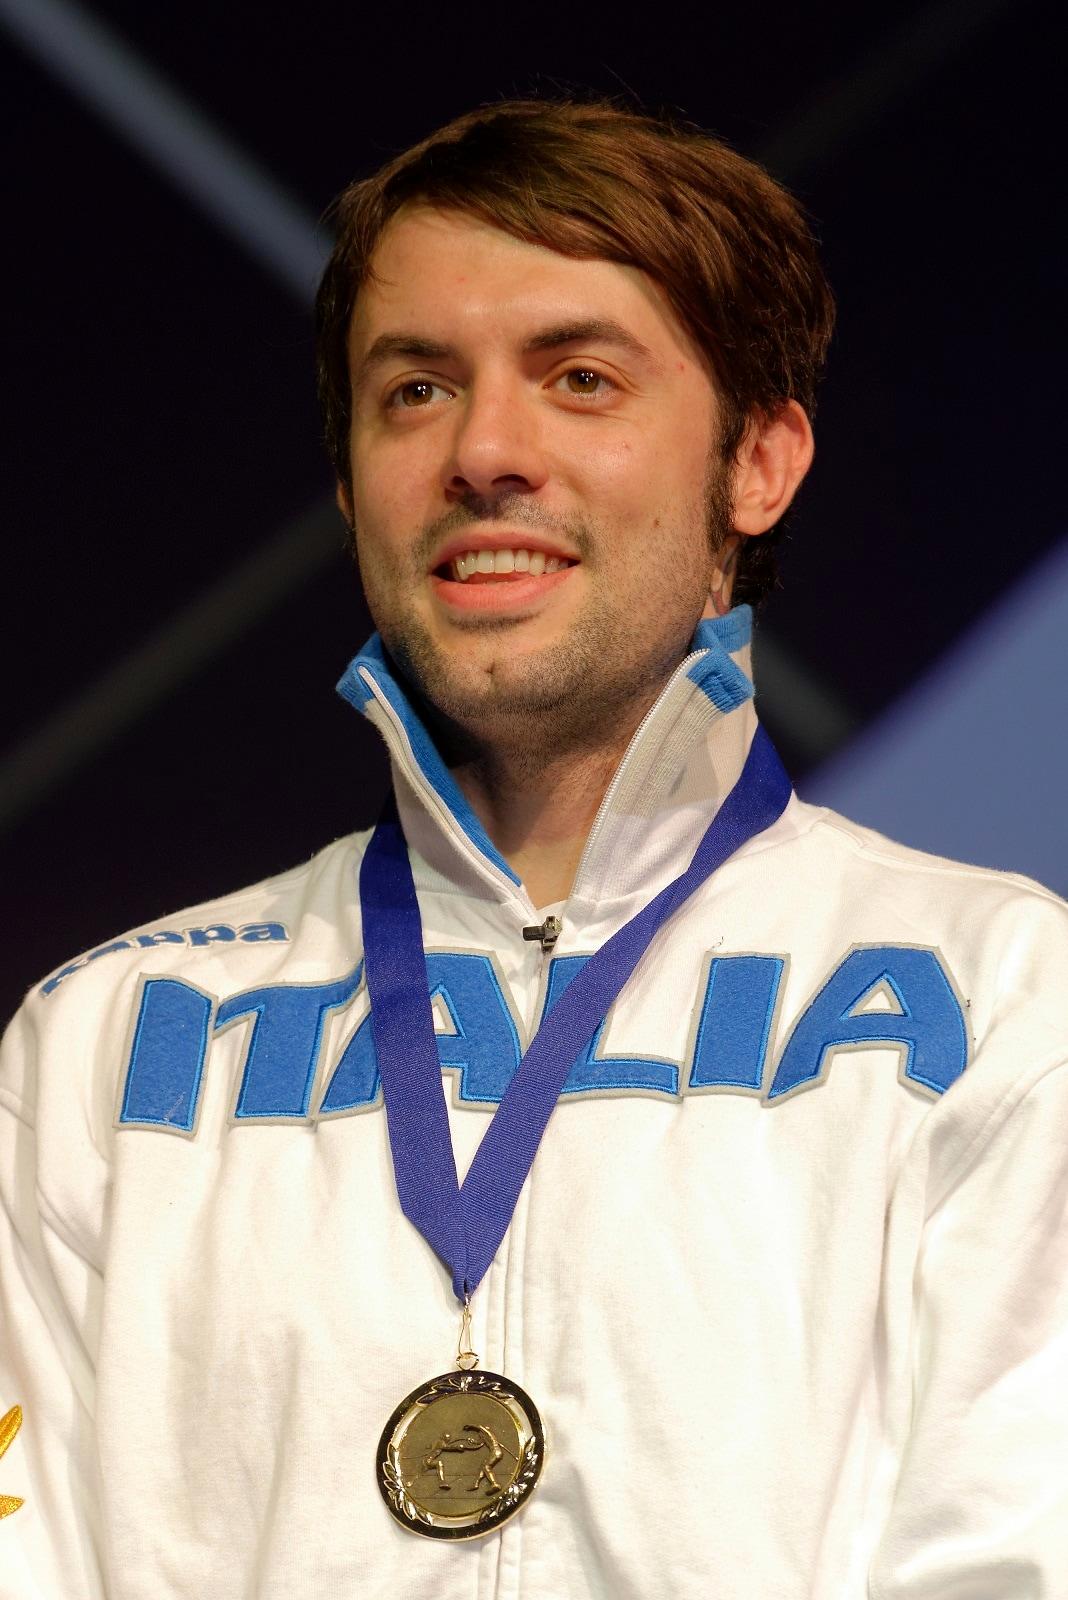 Matteo-Tagliariol-2